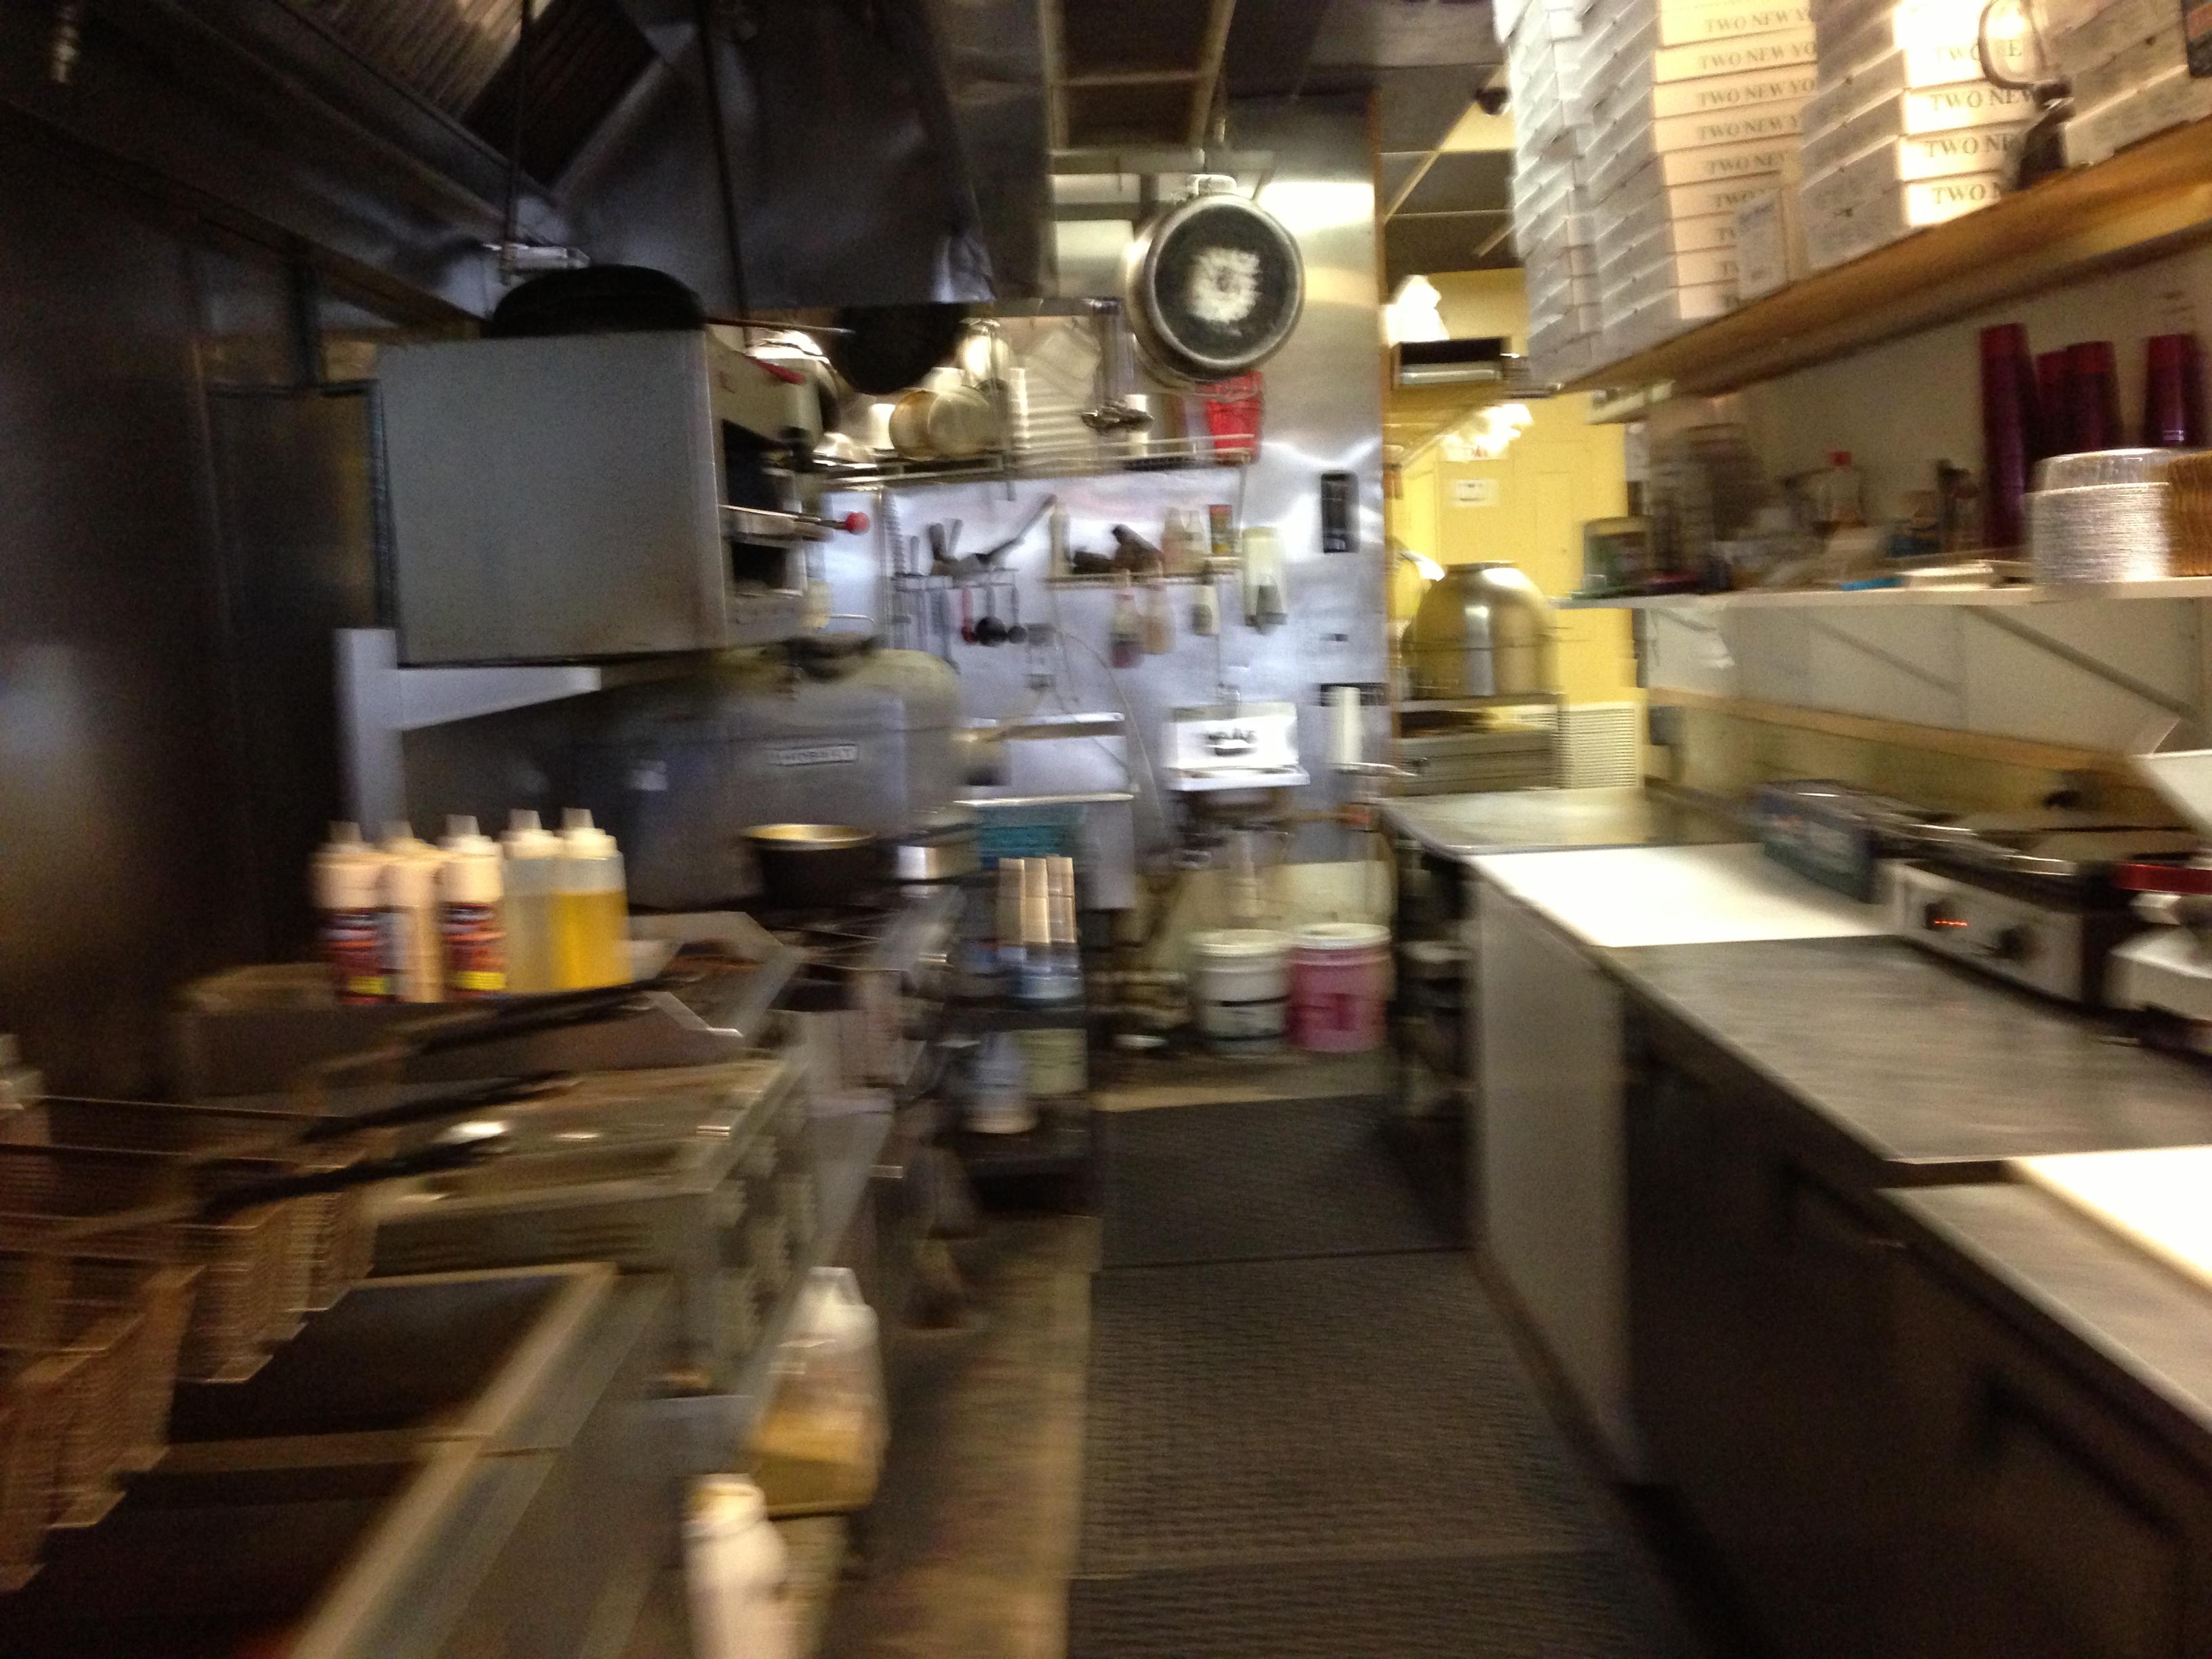 Turnkey Pizza Restaurant in West Boca for Lease - 10K Key Money